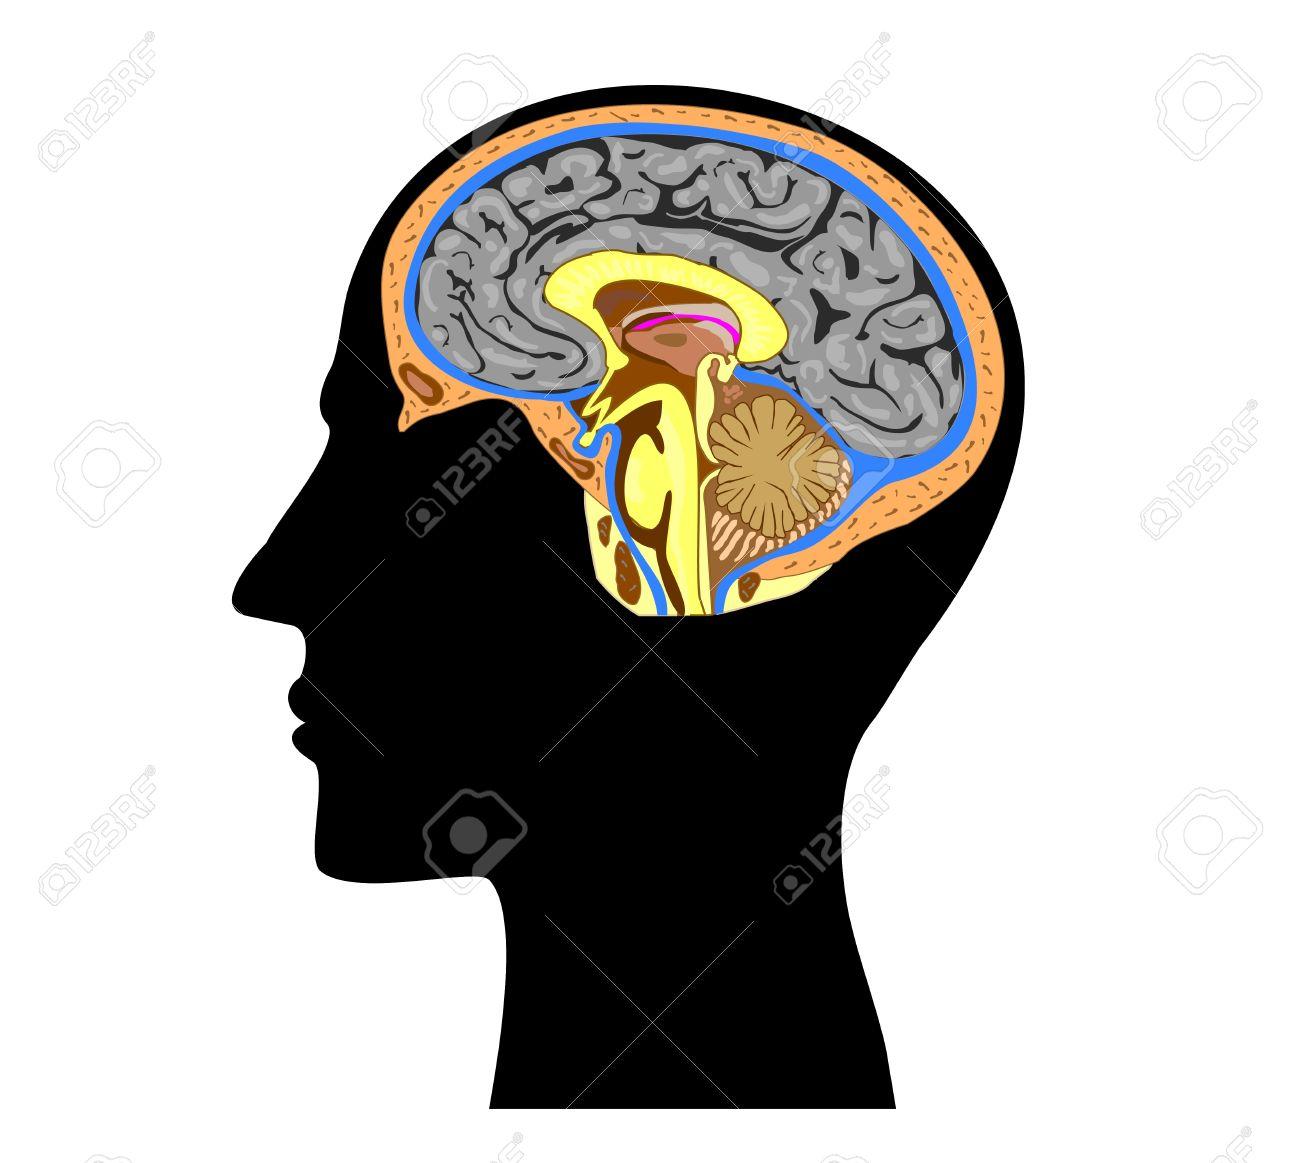 Silueta De Una Cabeza Humana Con La Anatomía Del Cerebro En El ...